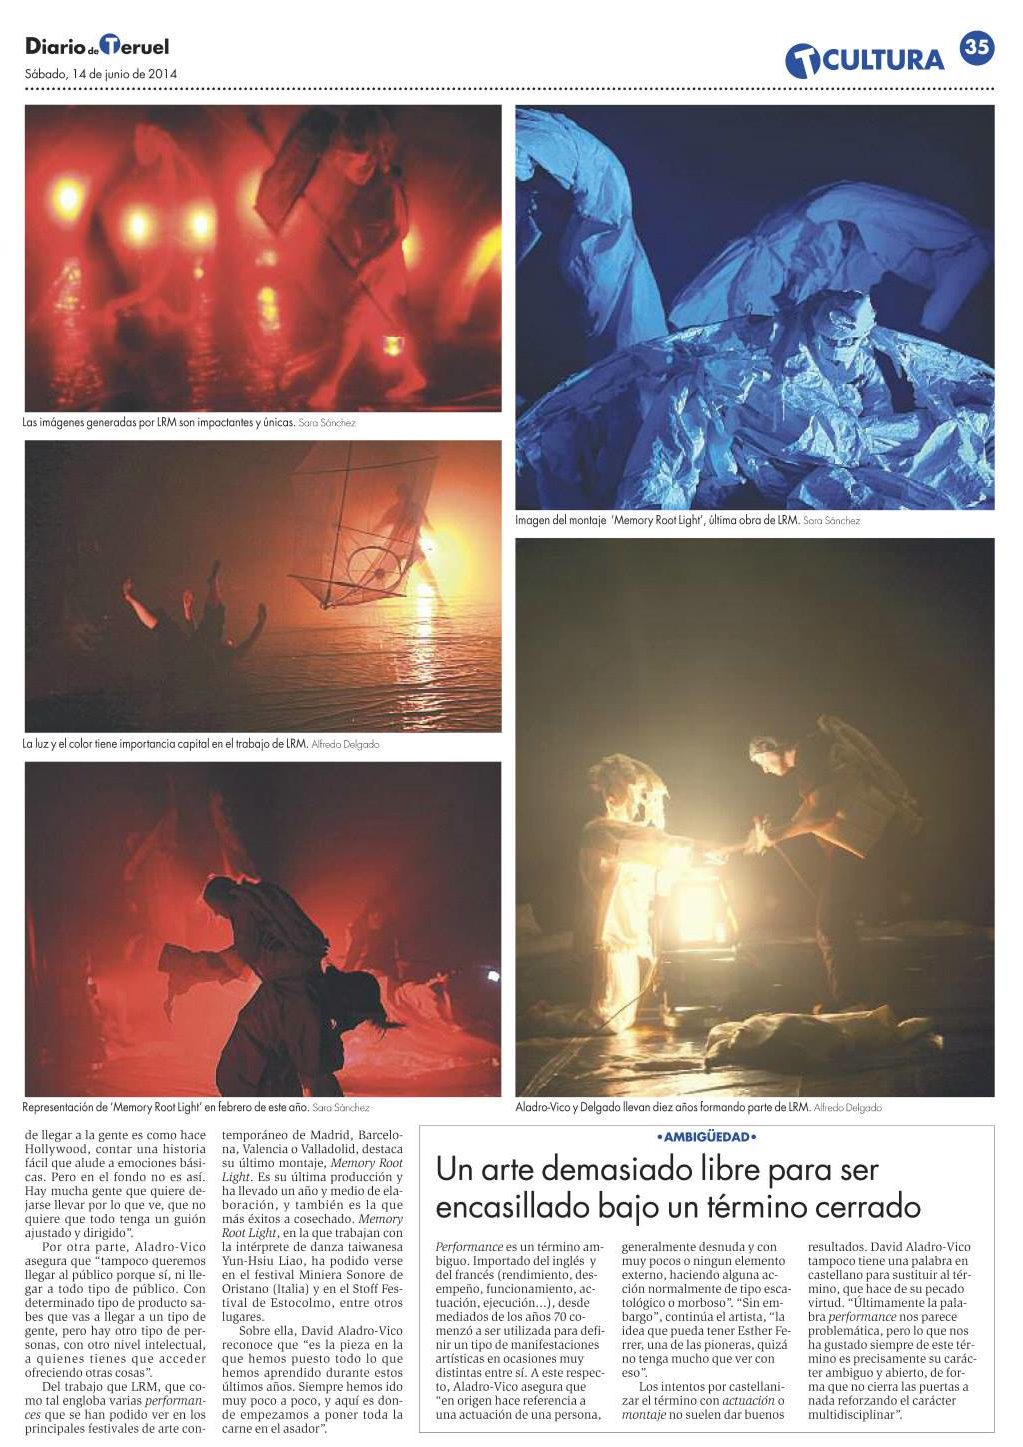 http://www.diariodeteruel.es/noticia/49270/el-arte-de-la-performance-elevado-a-su-maximo-exponente